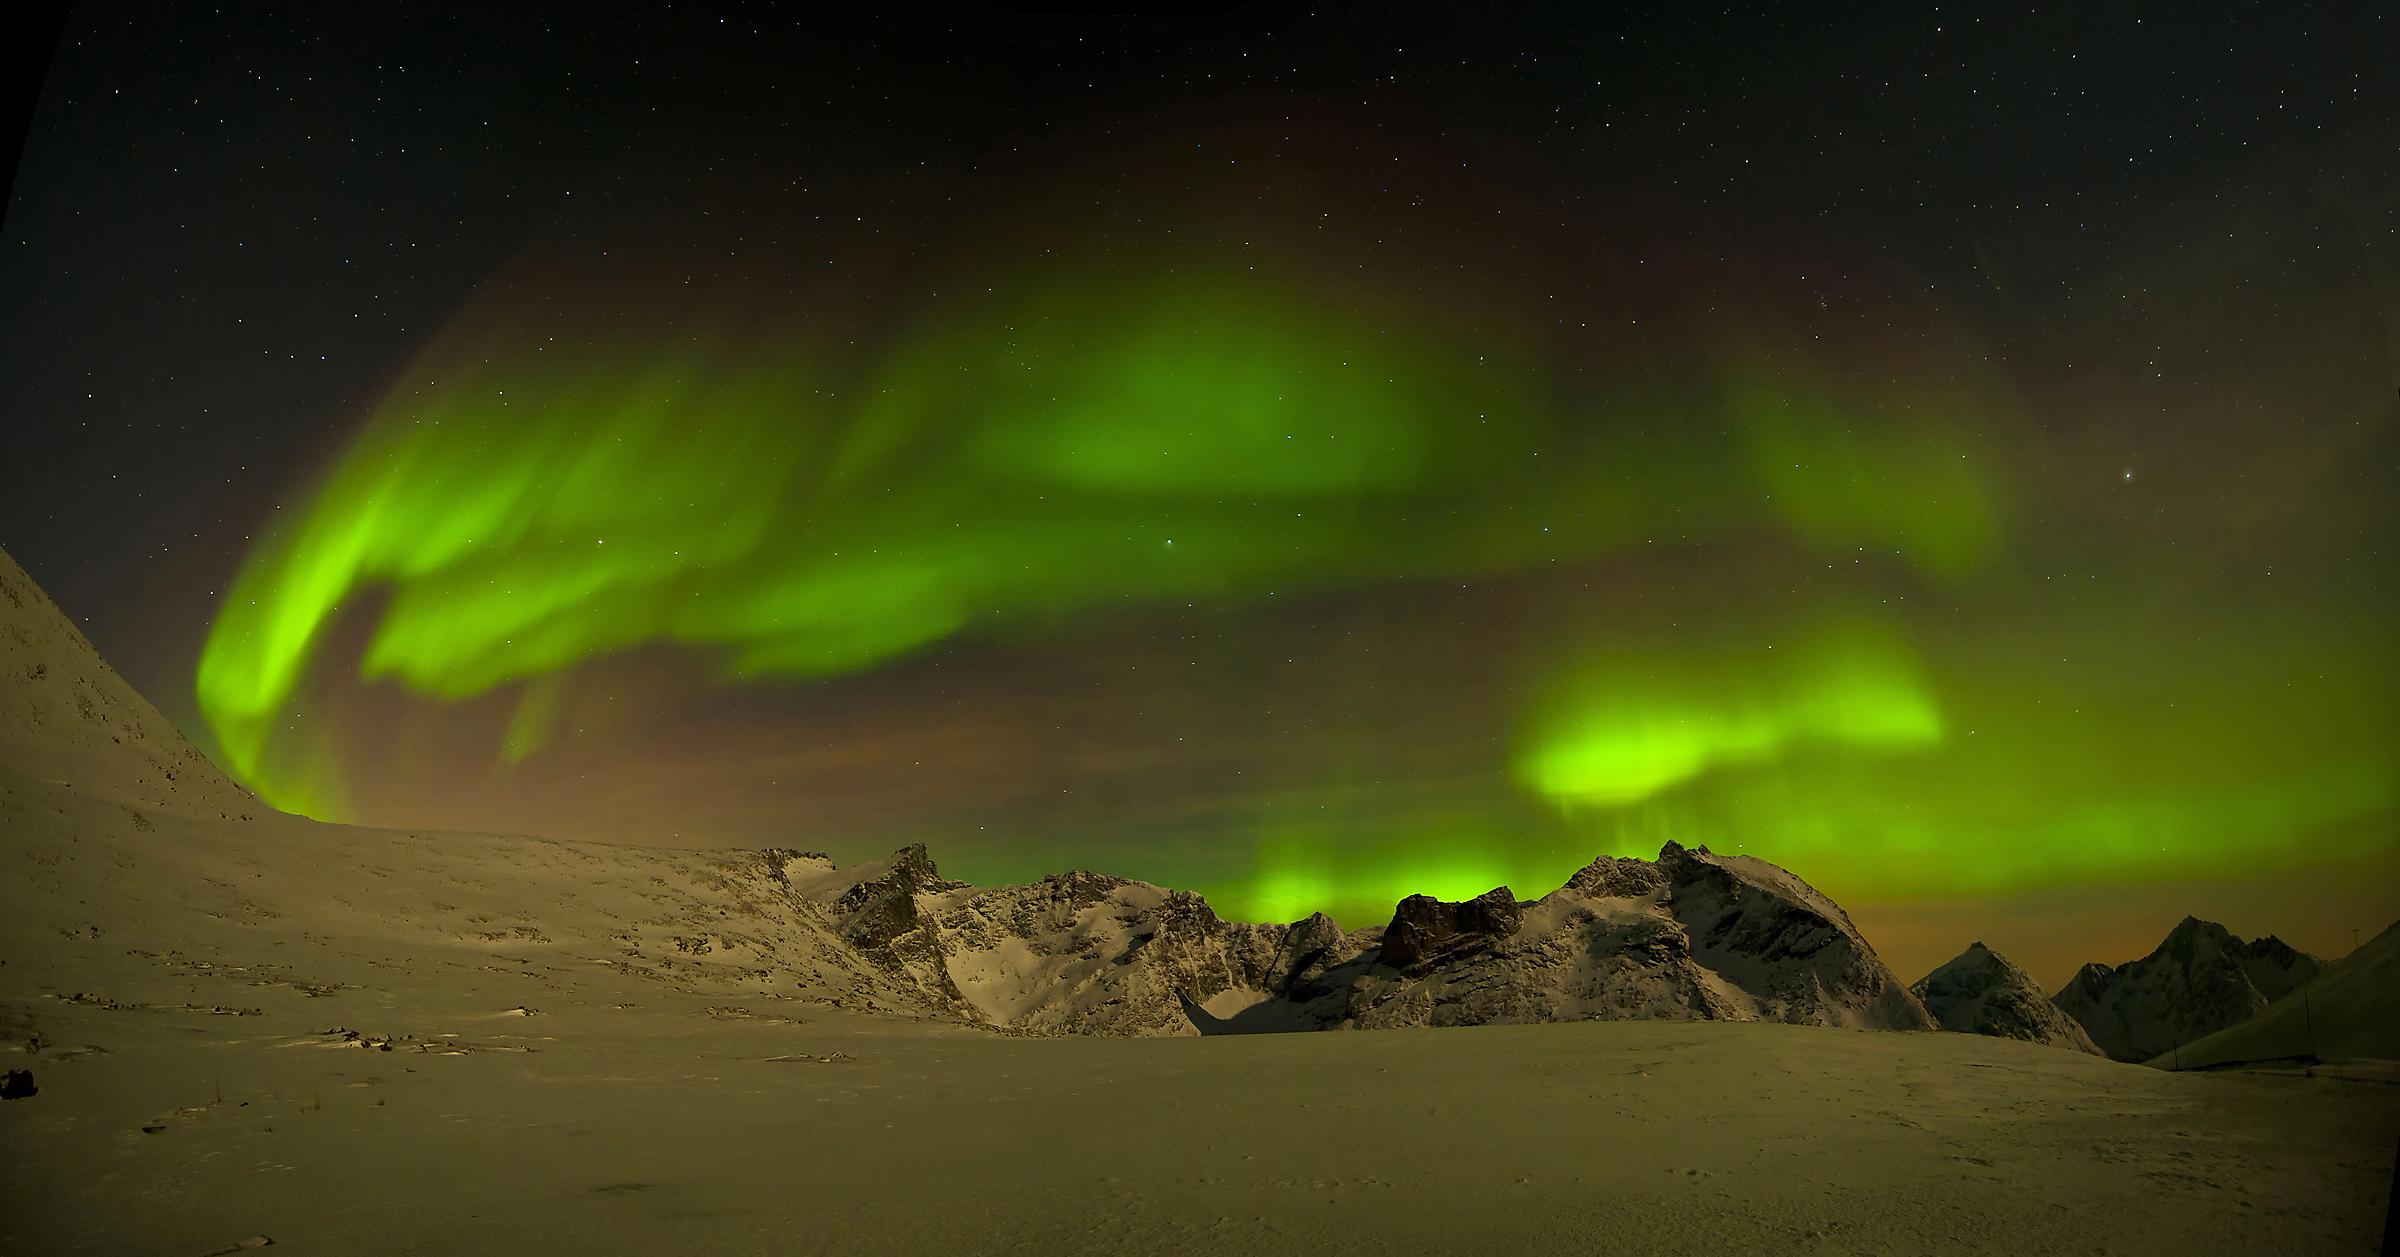 デスクトップ壁紙 オーロラ 自然 雰囲気 空 現象 風景 夜 2400x1257 デスクトップ壁紙 Wallhere